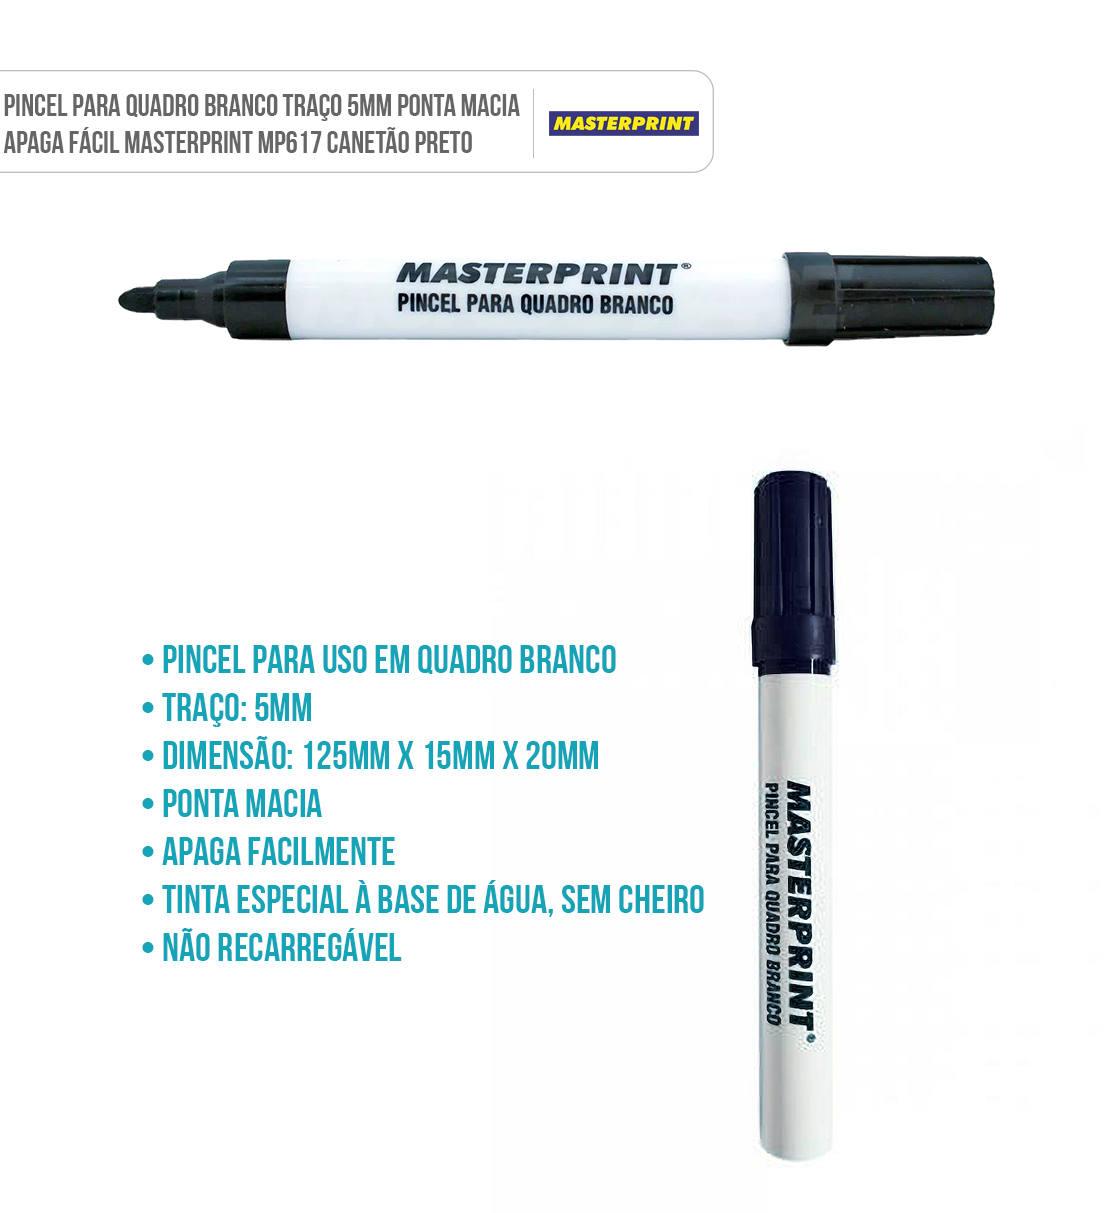 Canetão Pincel para Quadro Branco Traço 5mm Ponta Macia Masterprint MP617 Preto